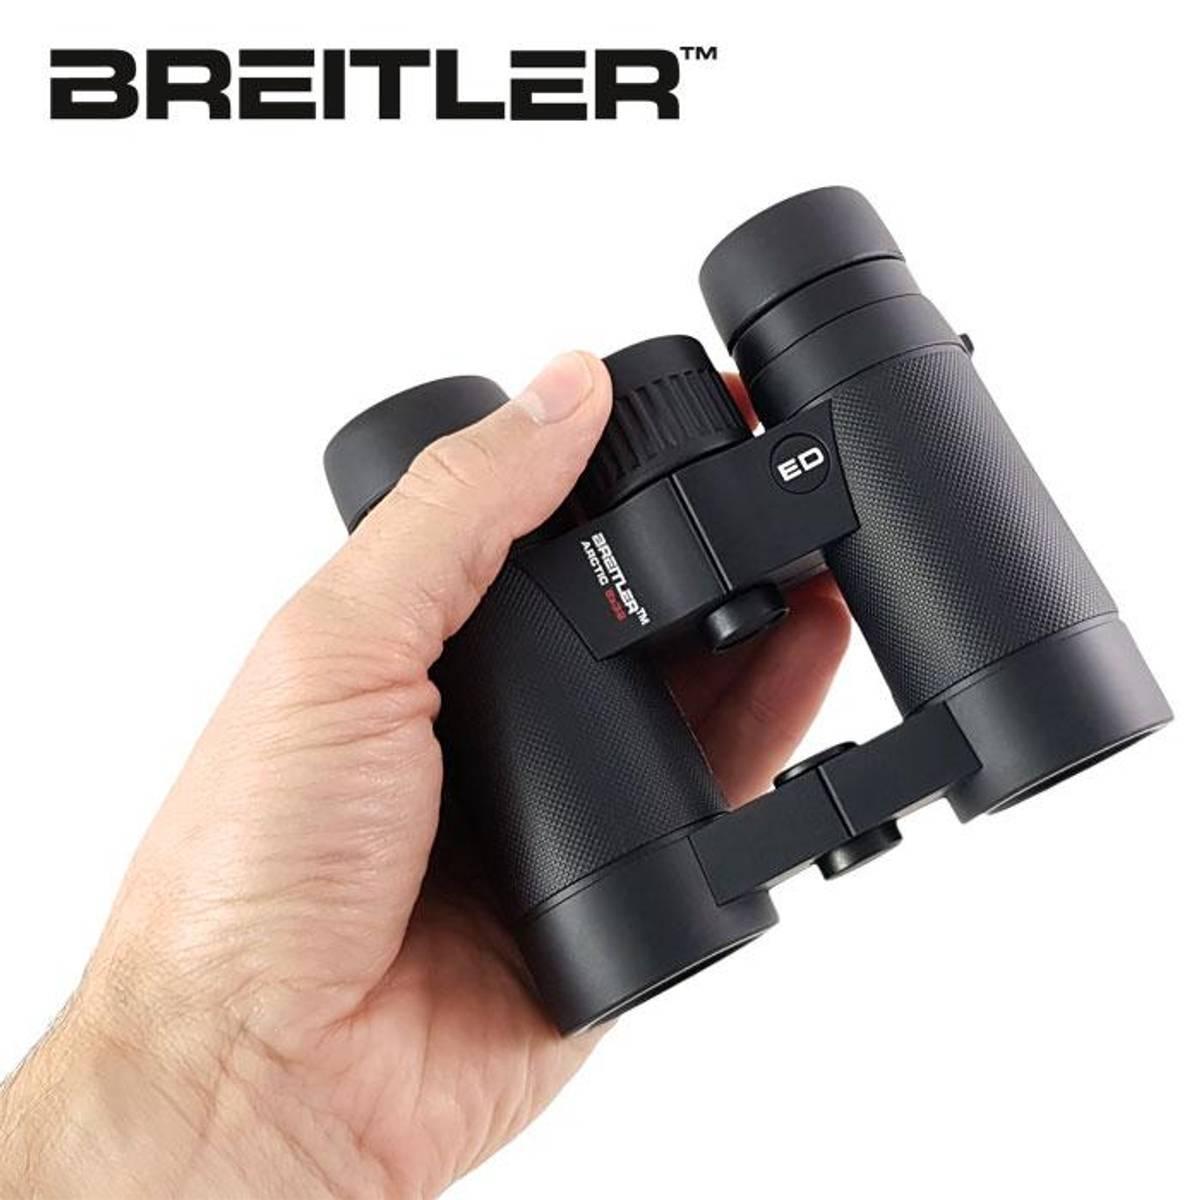 Breitler Arctic 8x32 kompakt kikkert